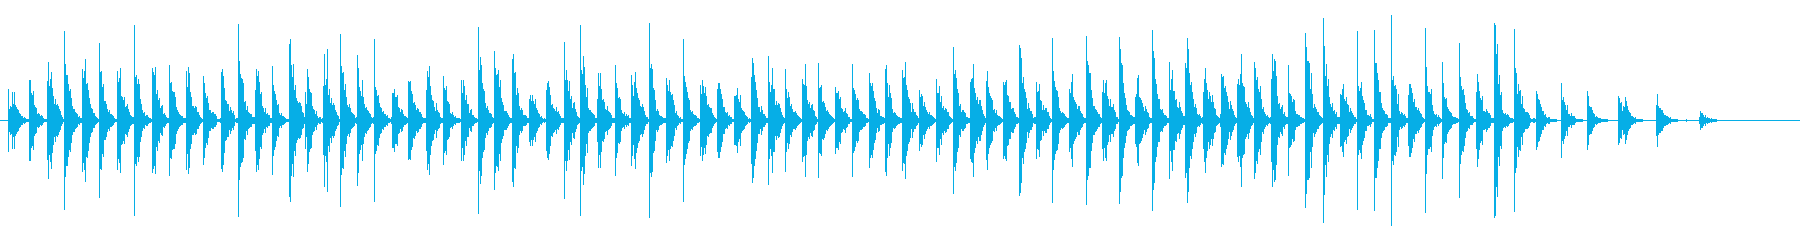 ウッドフロア:ソフトハイキングブー...の再生済みの波形